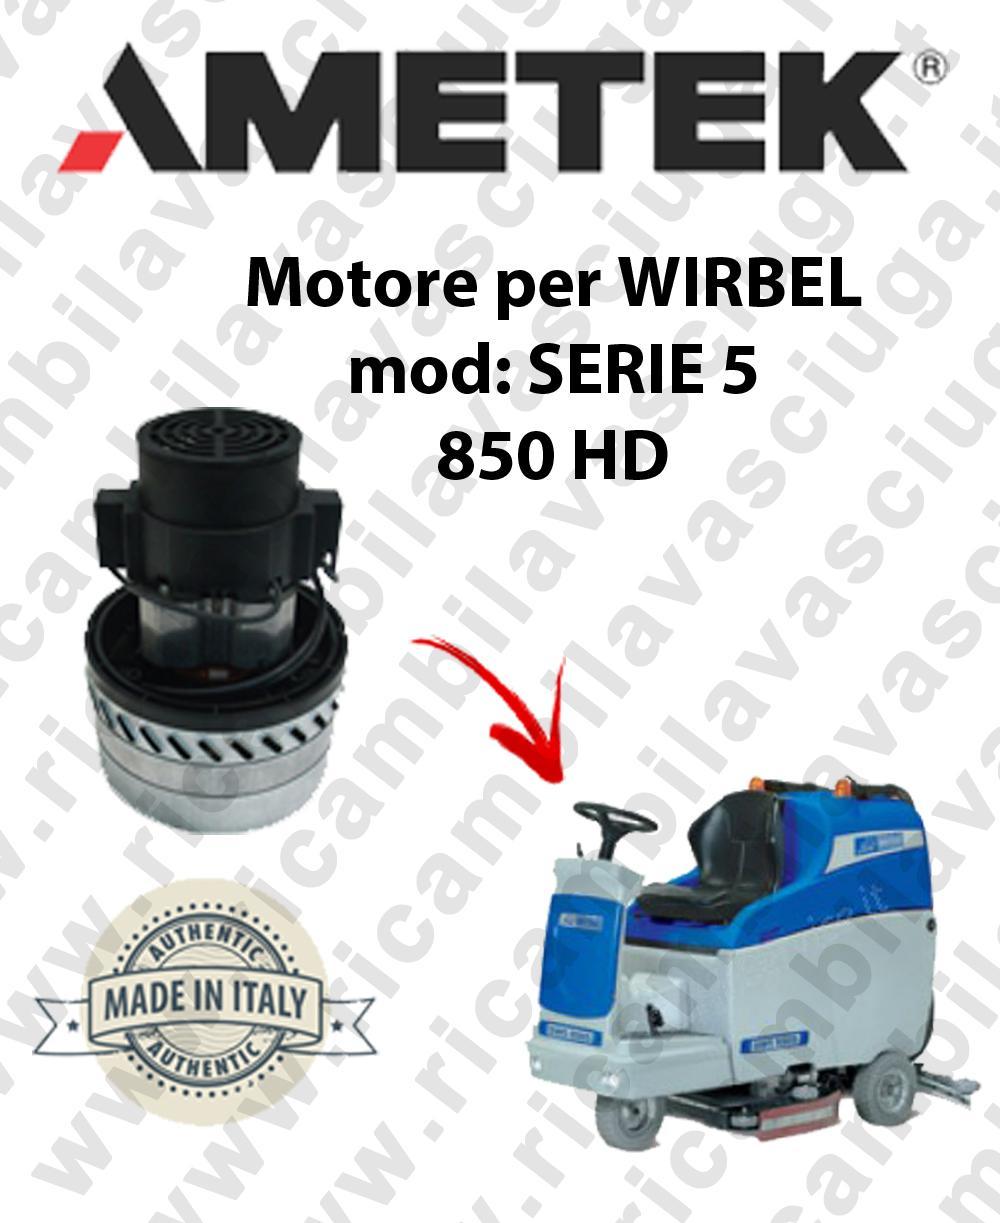 SERIE 5 850 HD MOTORE AMETEK di aspirazione per lavapavimenti WIRBEL